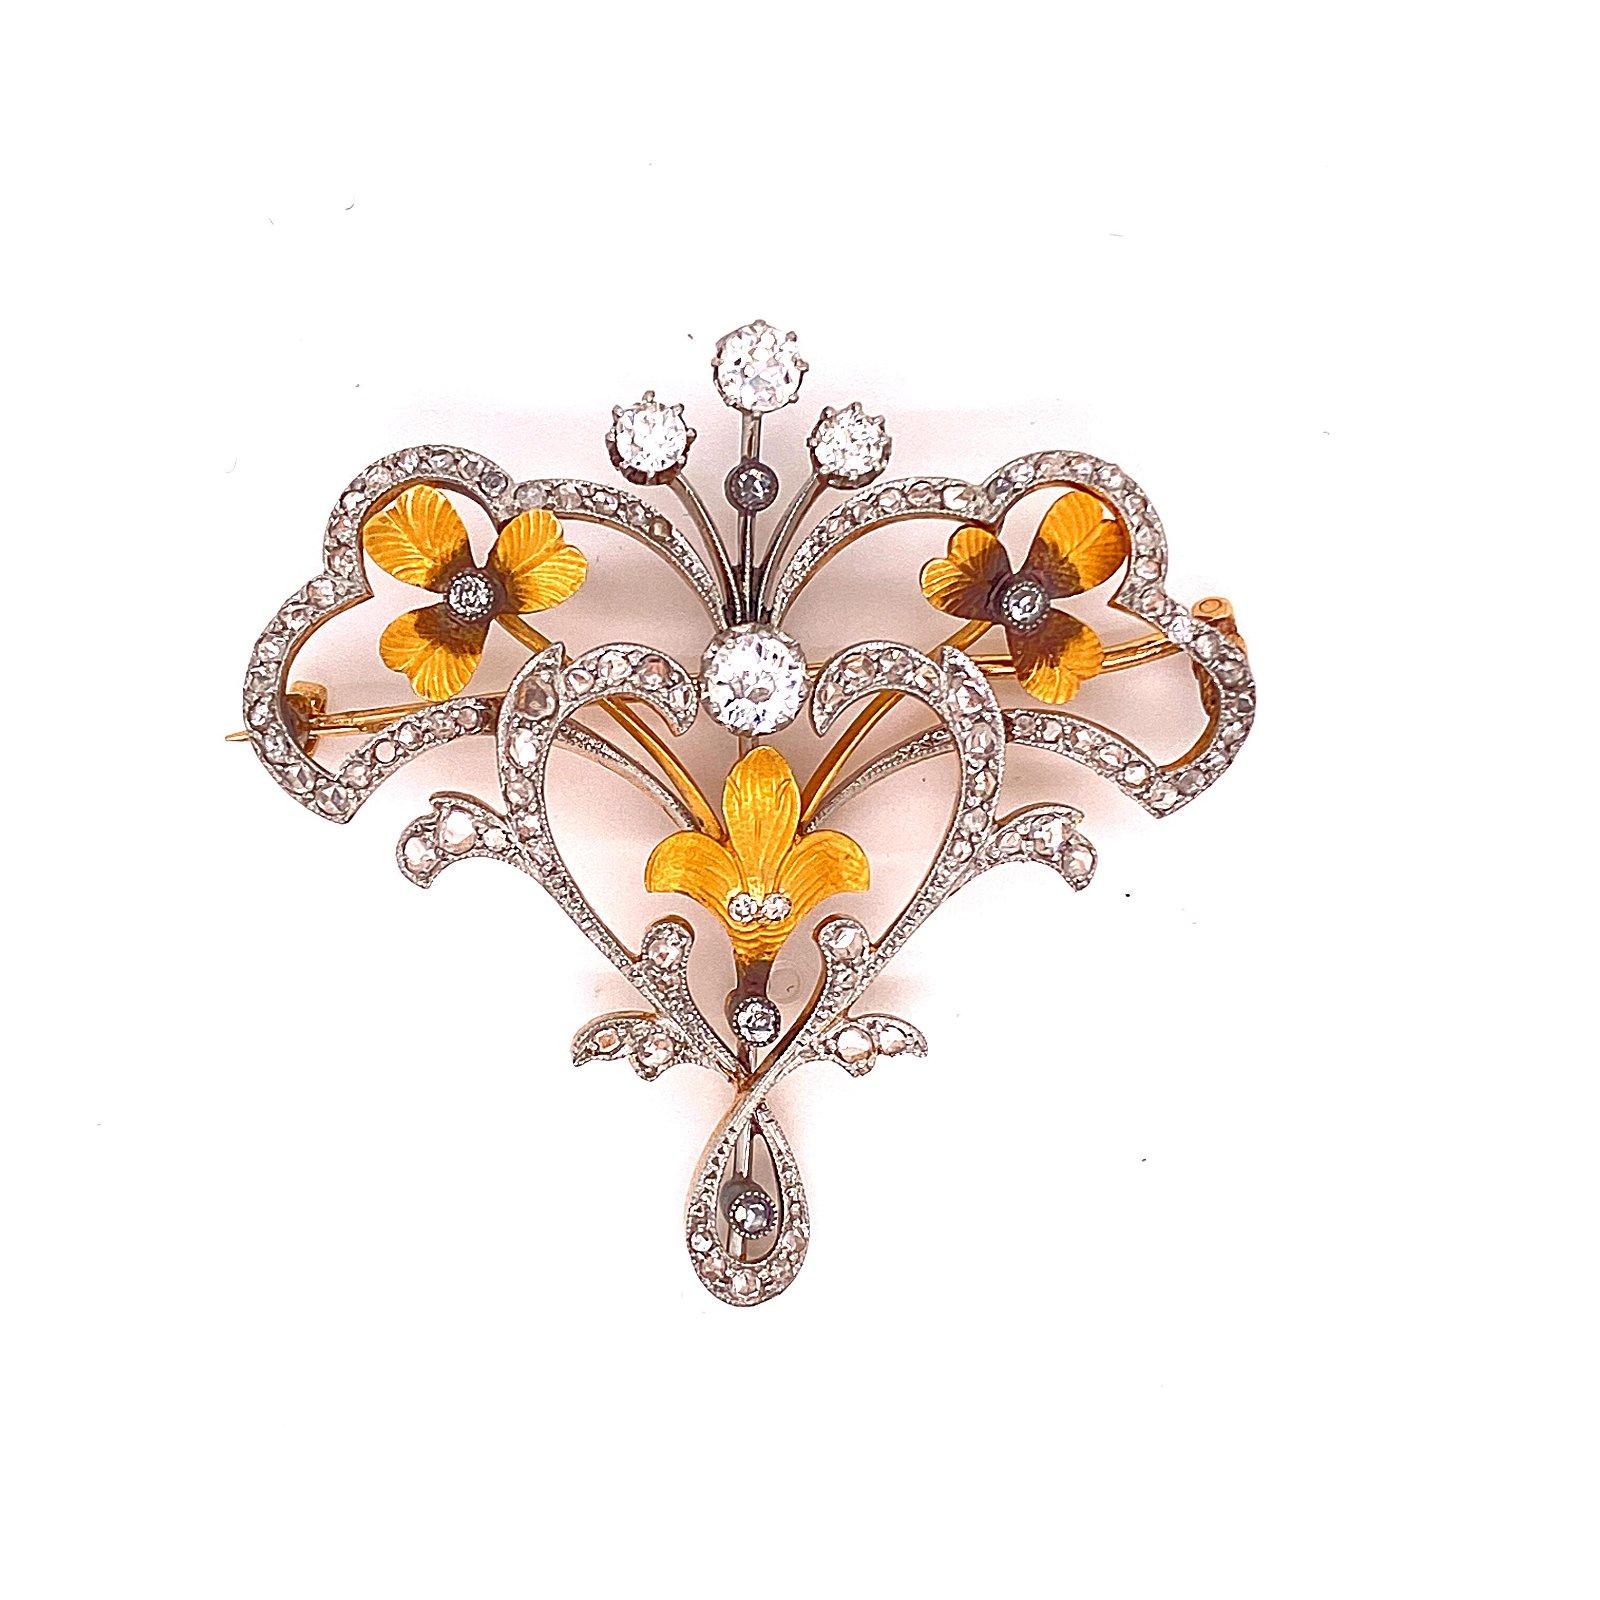 18K Gold & Platinum Victorian Brooch